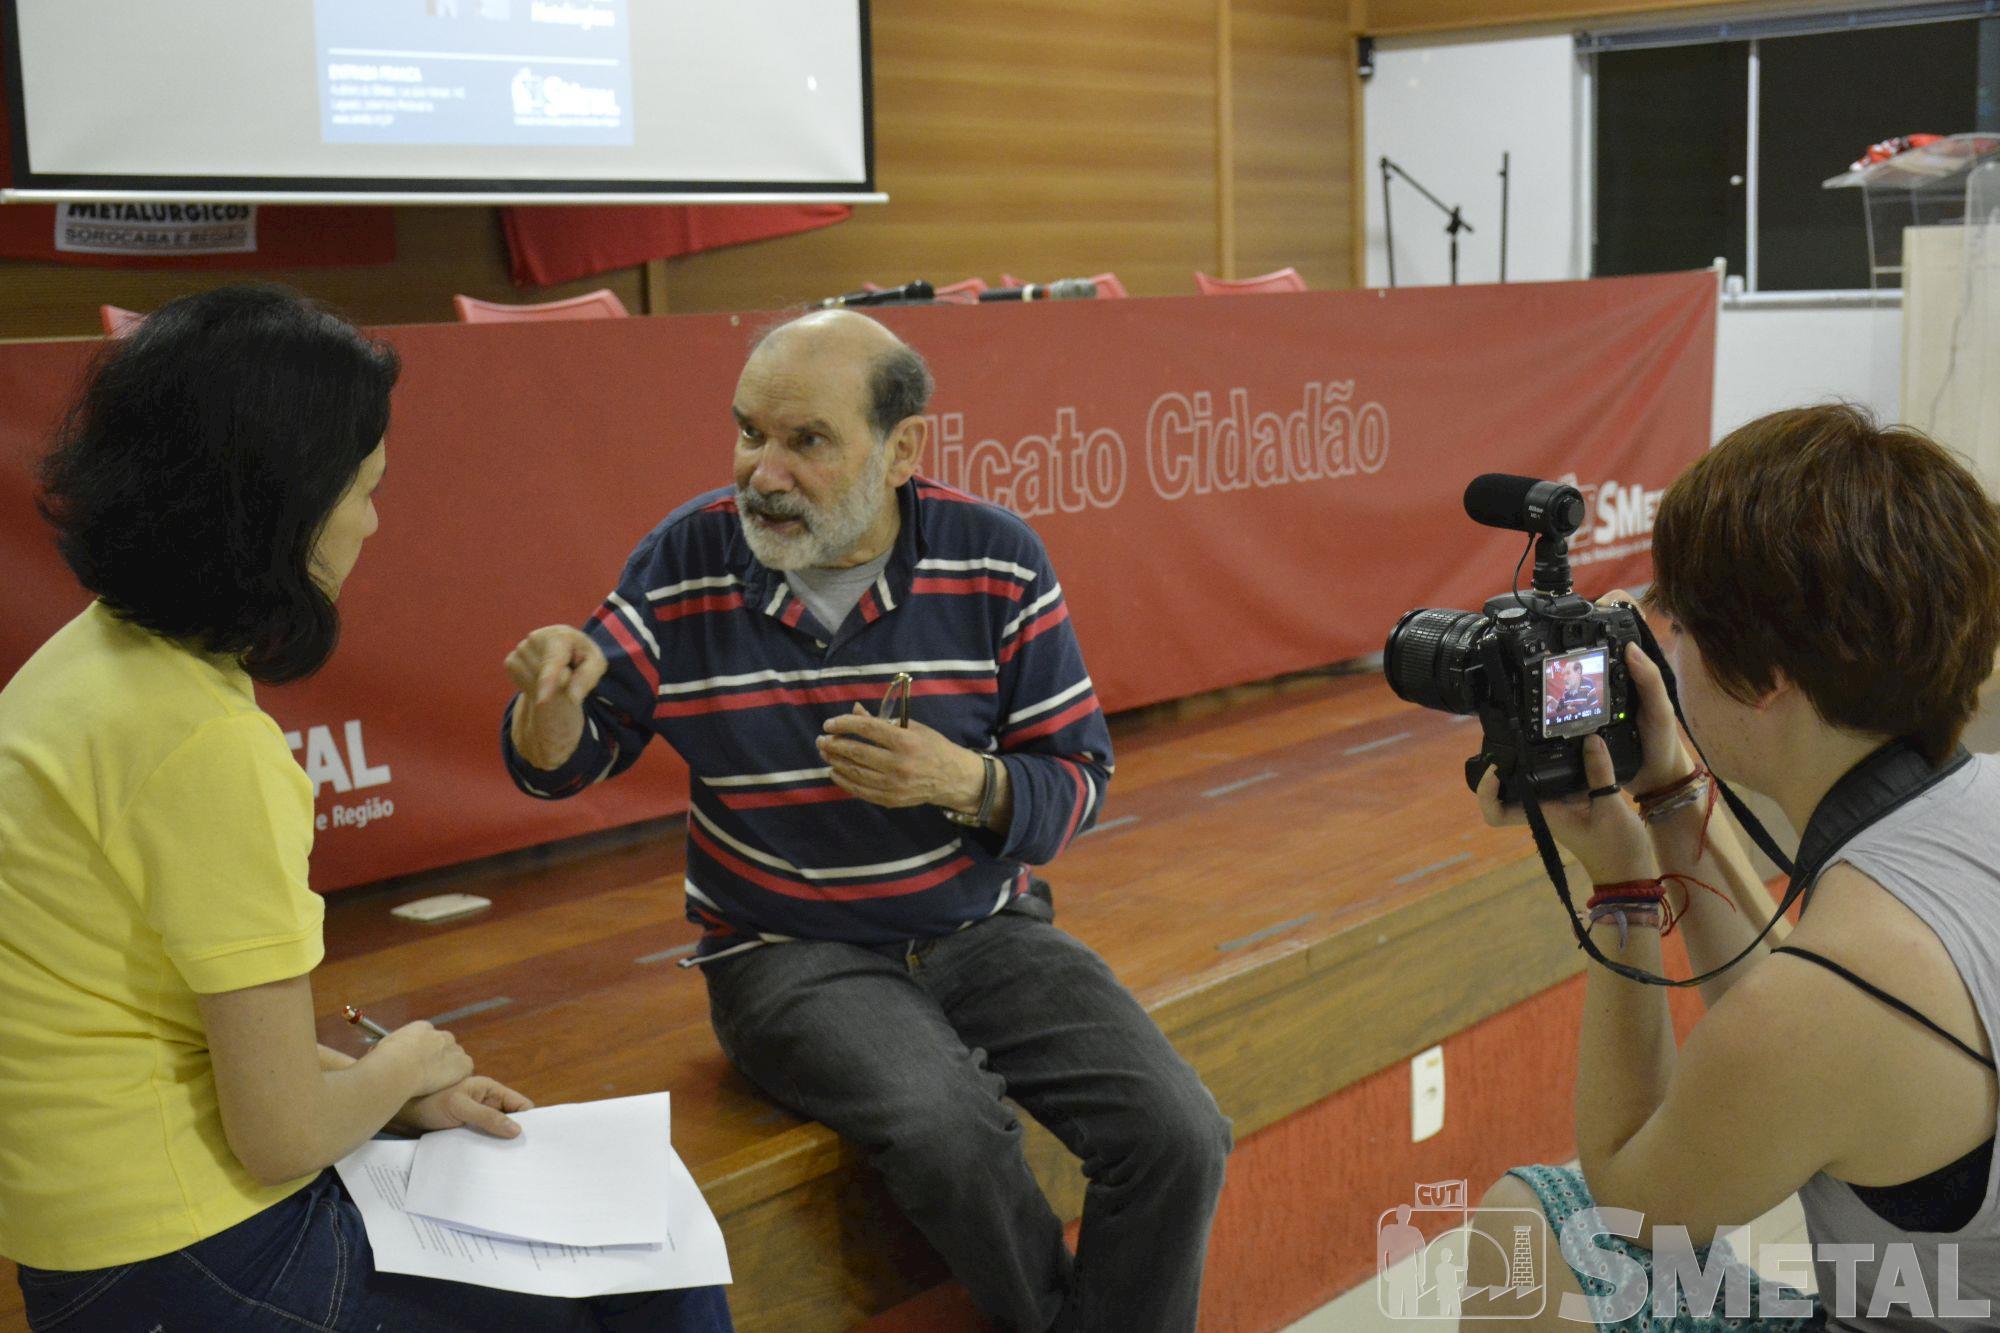 Aproximadamente 200 pessoas,  acompanharam o debate Rumos do Brasil,  realizado na noite do dia 28 de agosto,  na sede do SMetal., Foguinho/Imprensa SMetal, Debate aborda os desafios para a construção de um projeto para o país